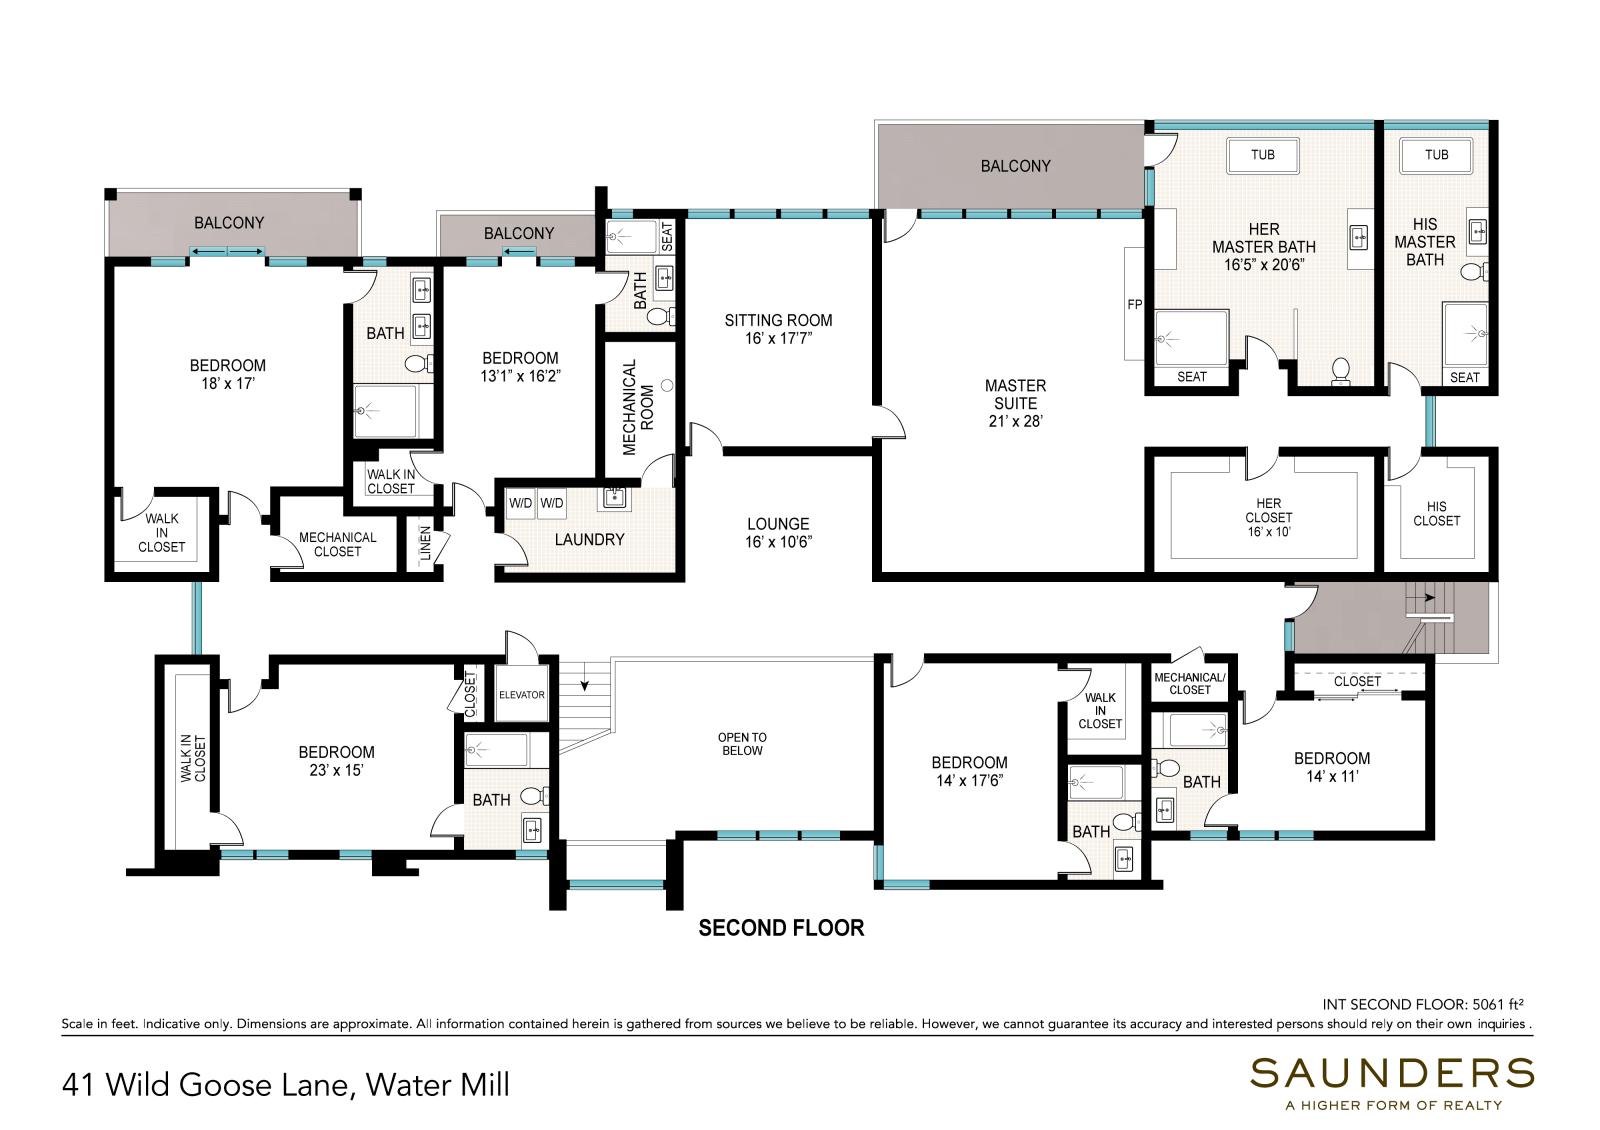 41 Wild Goose Lane 2nd Floor (floor plan)